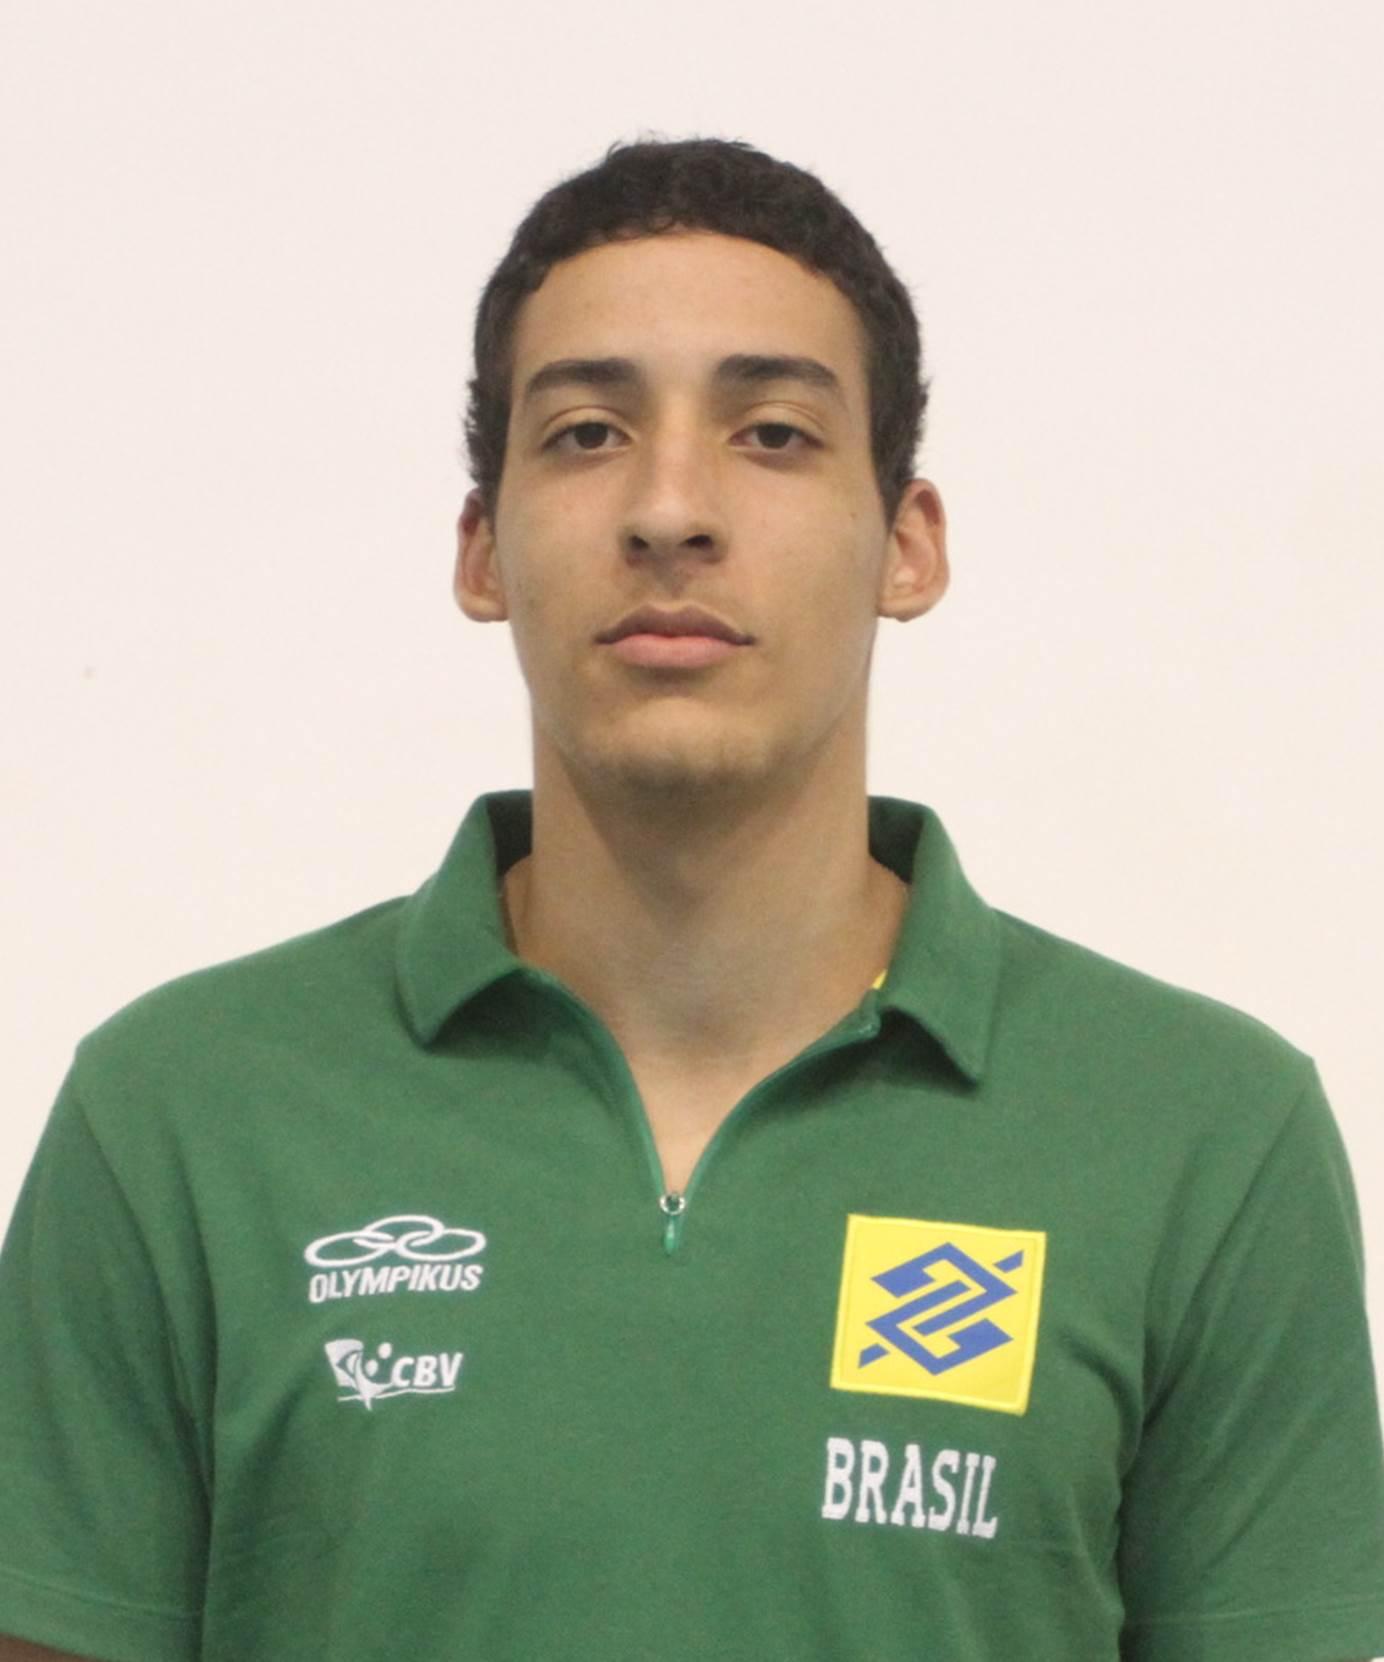 Rodrigo Pimentel Souza Leao